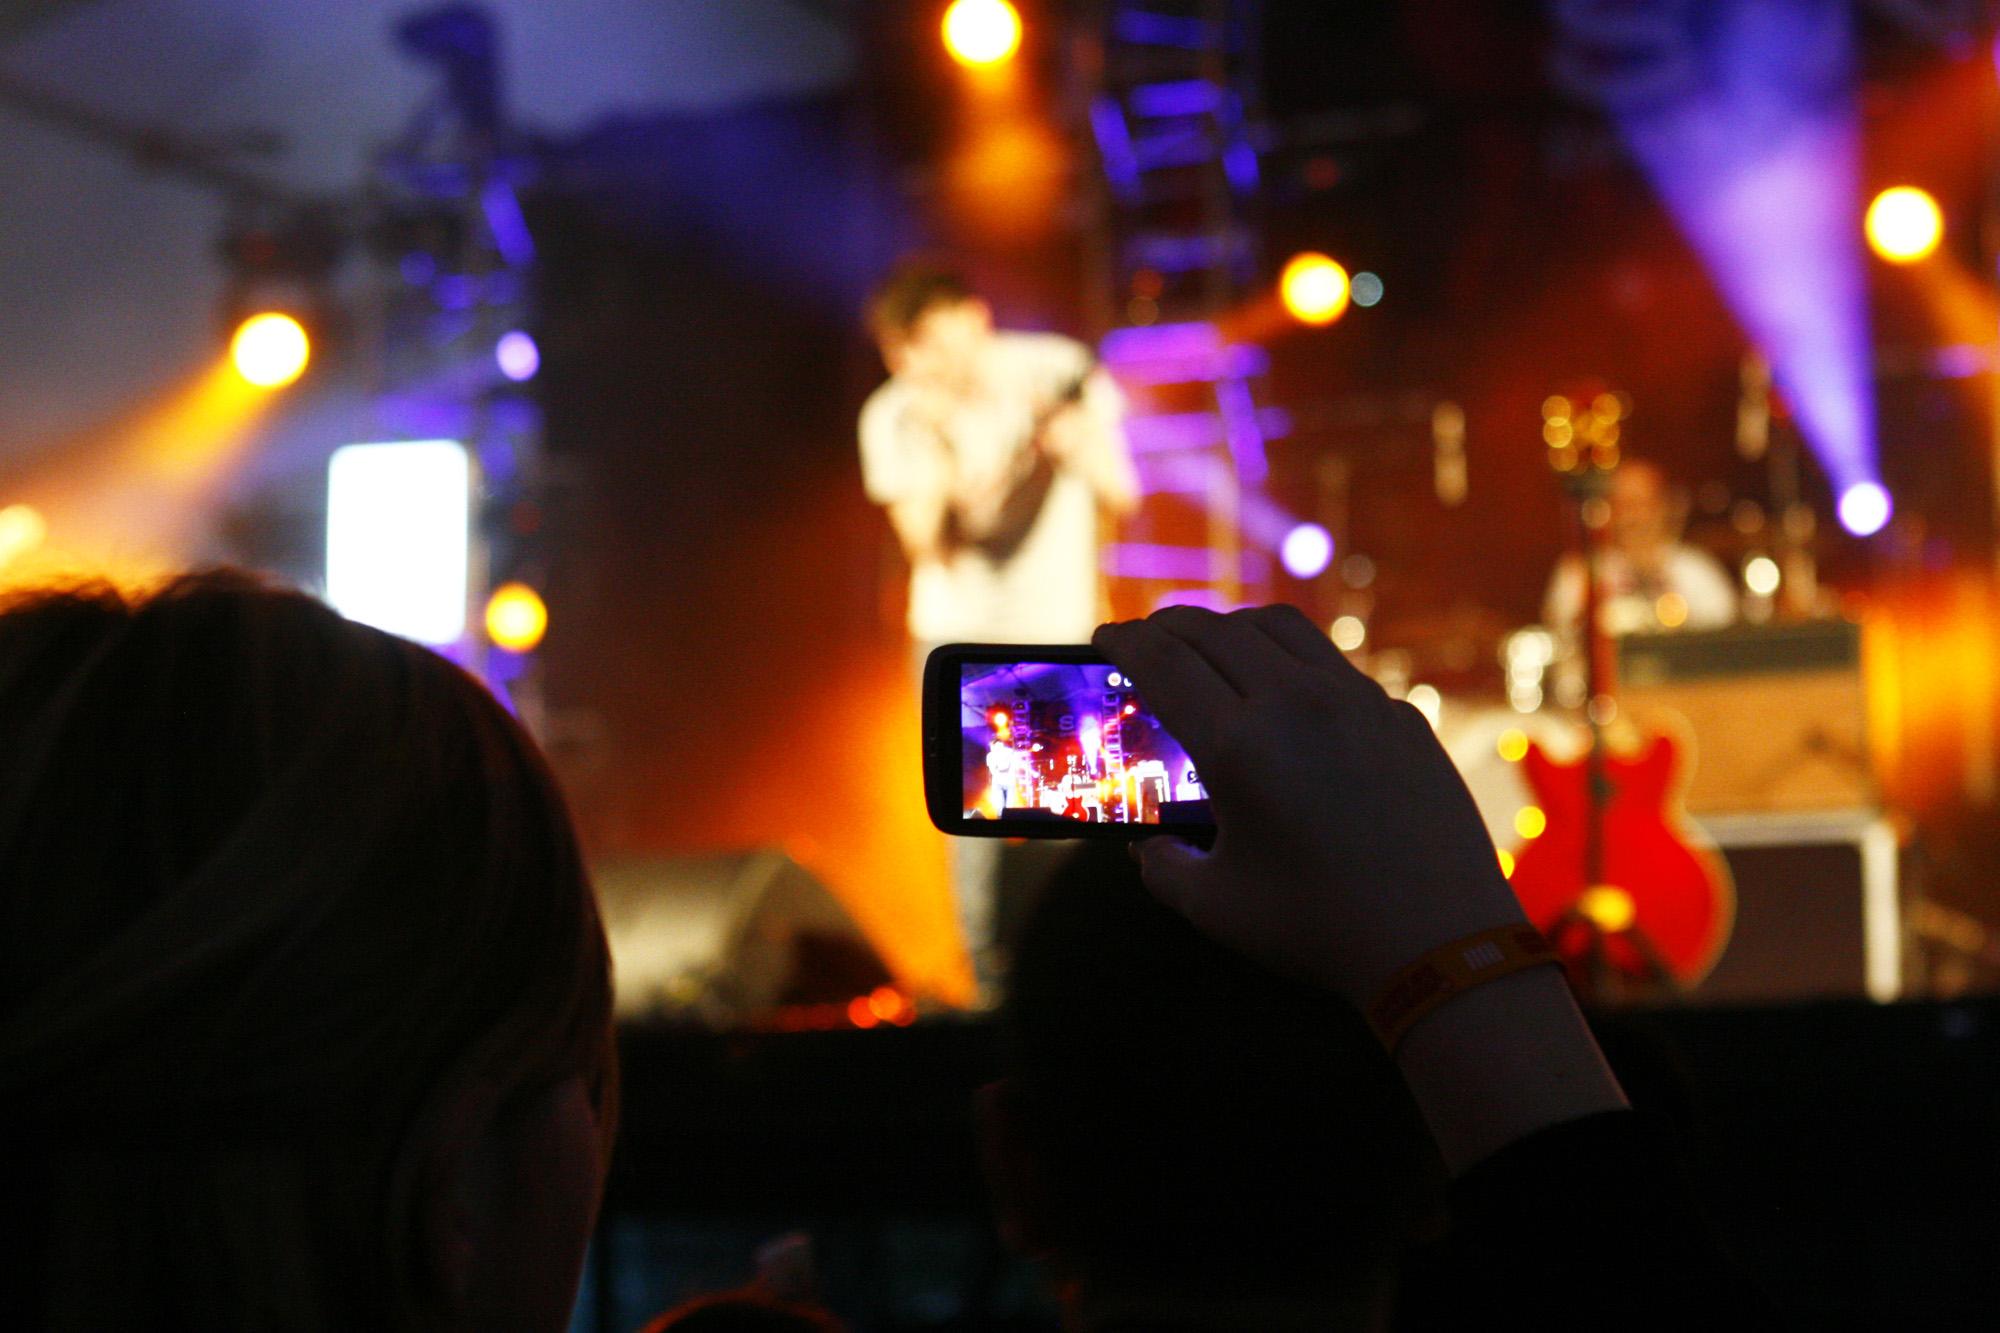 Un fan saca unha foto durante o concerto de Ellos